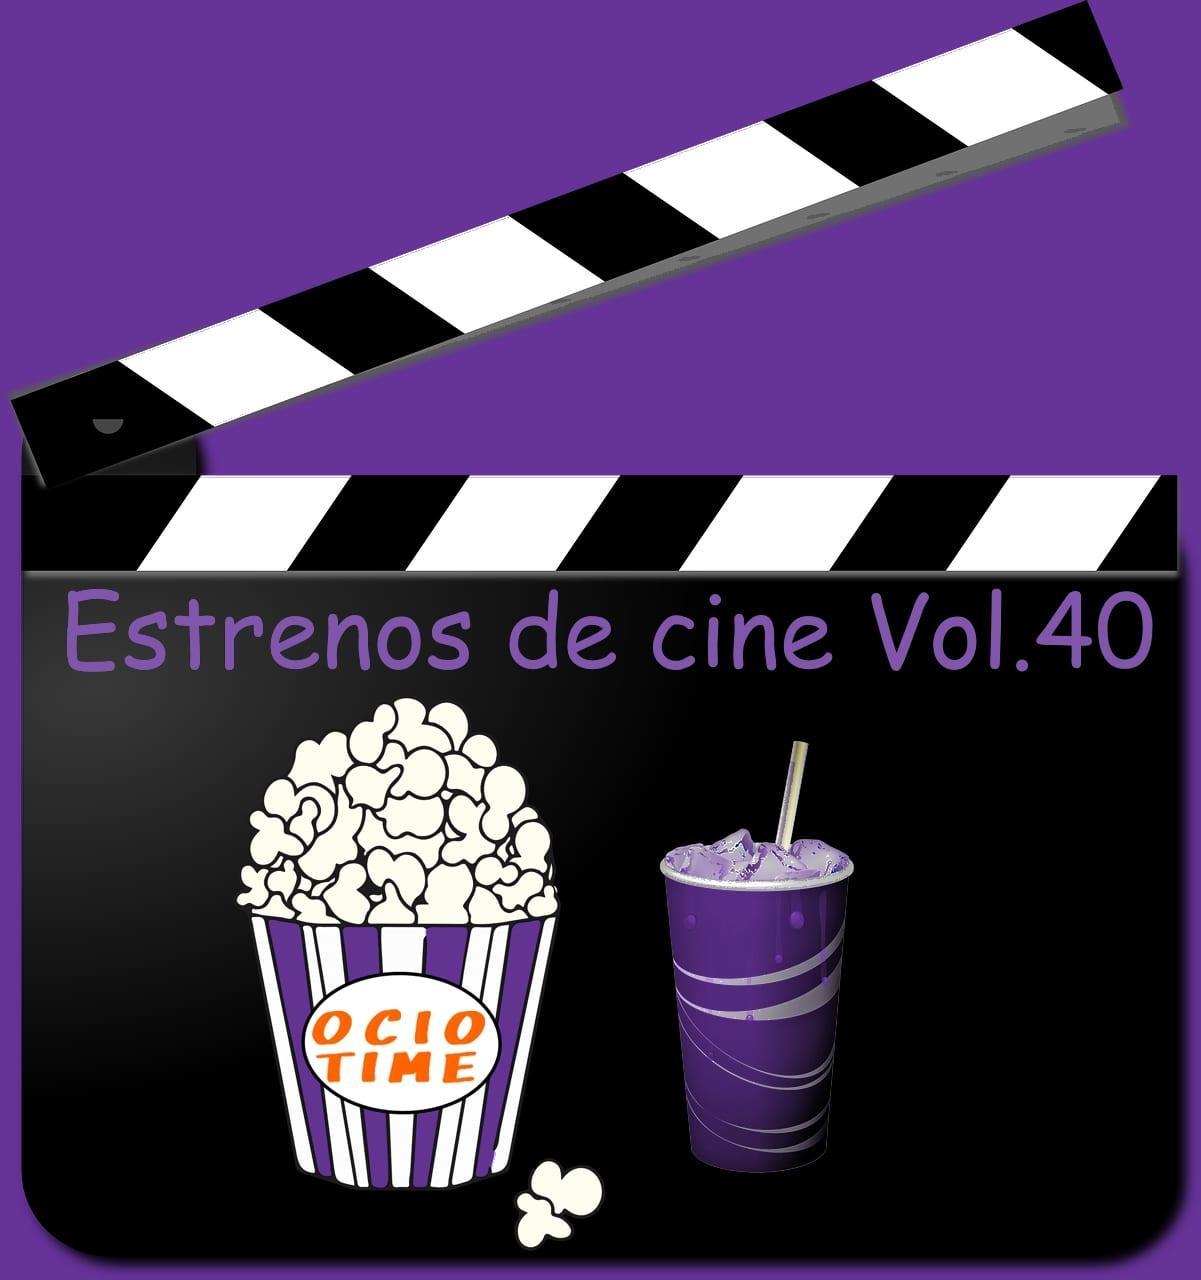 Estrenos de cine Vol.40